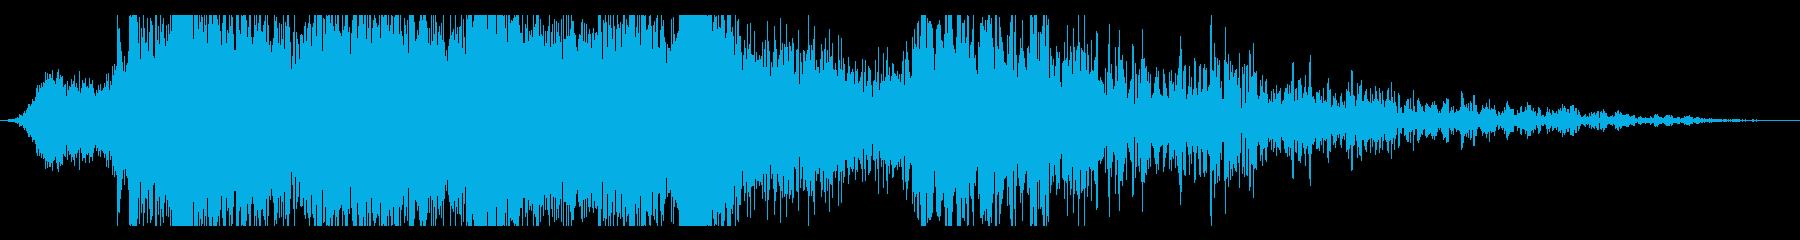 宇宙船:離陸または着陸として使用の再生済みの波形